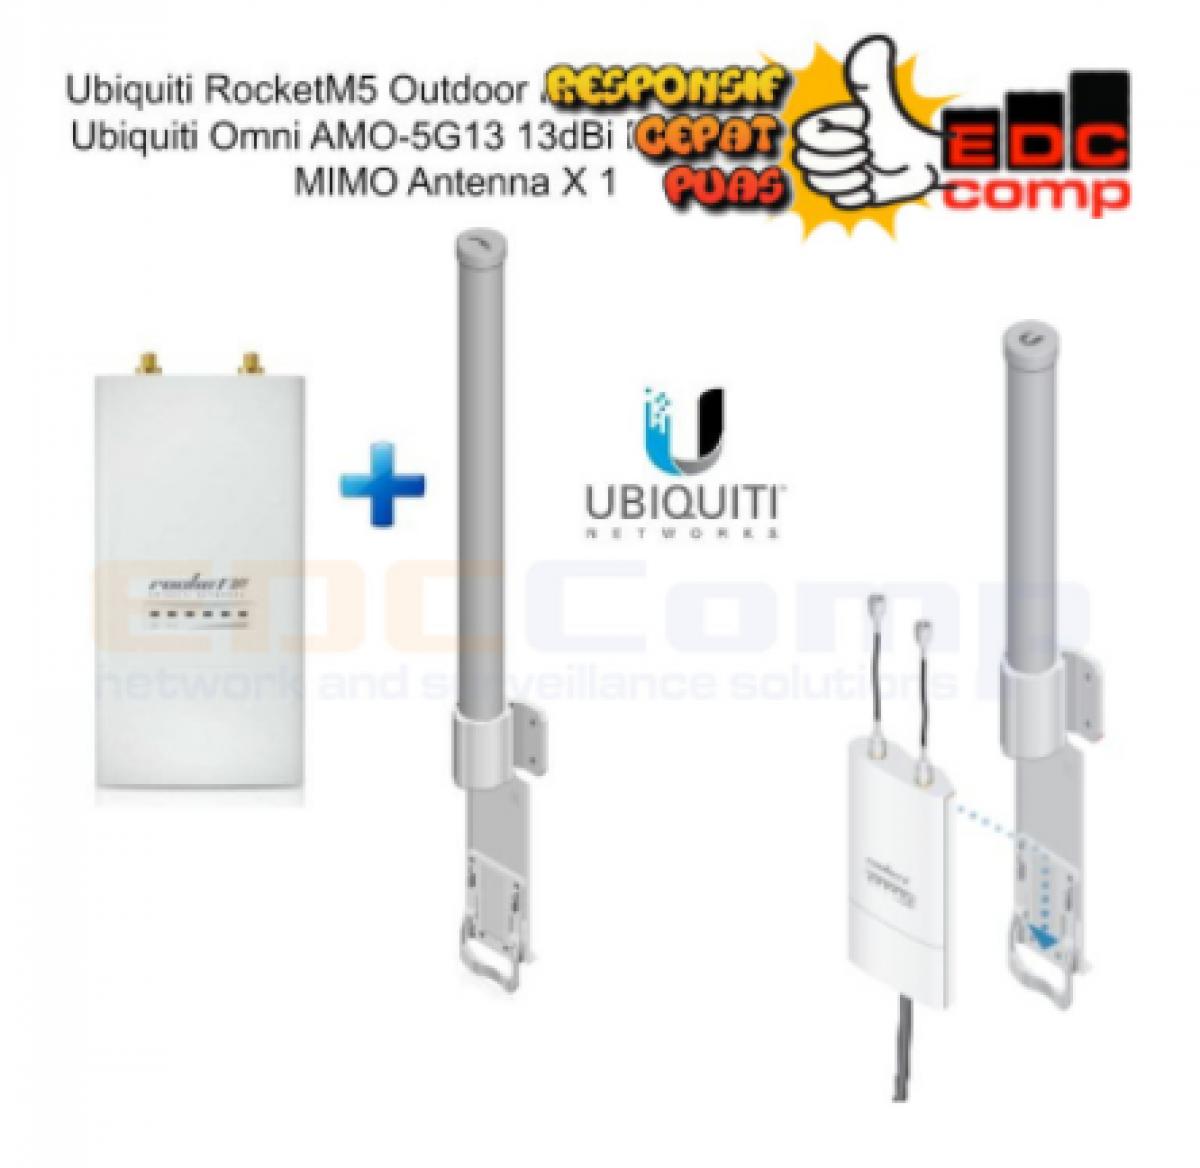 Paket Ubiquiti Rocket M5 + Antenna Omni AMO-5G13 - EdcComp